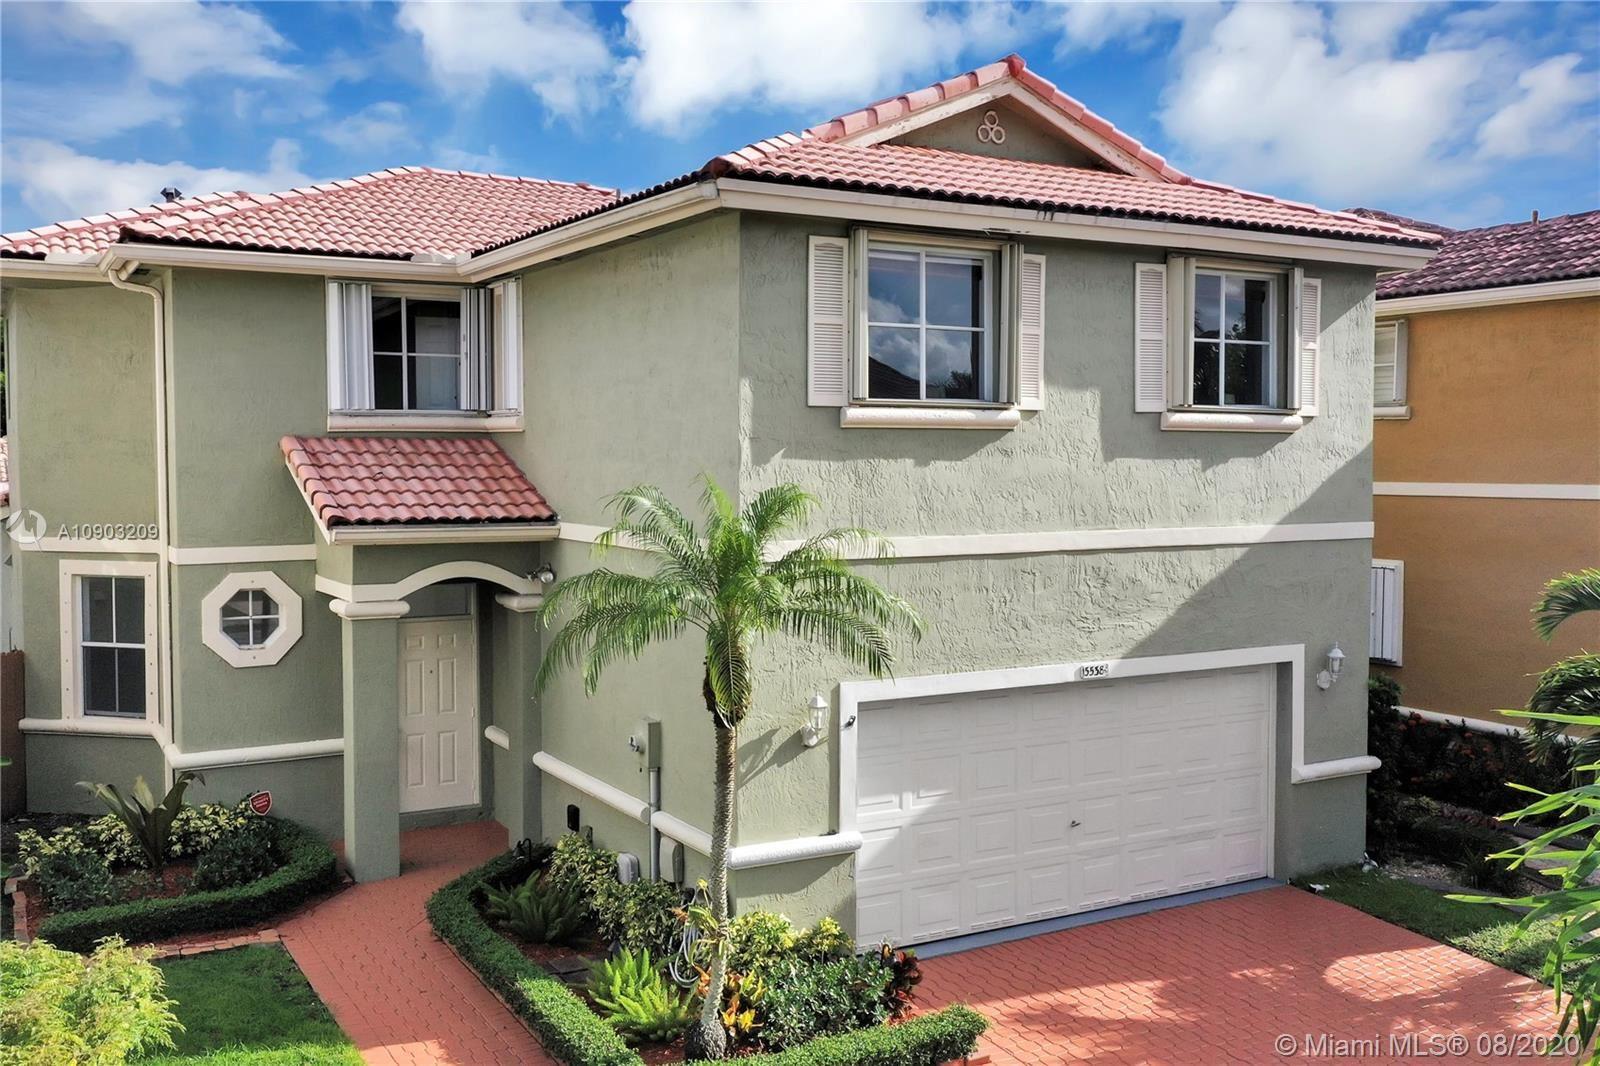 15538 SW 112th Dr, Miami, FL 33196 - #: A10903209